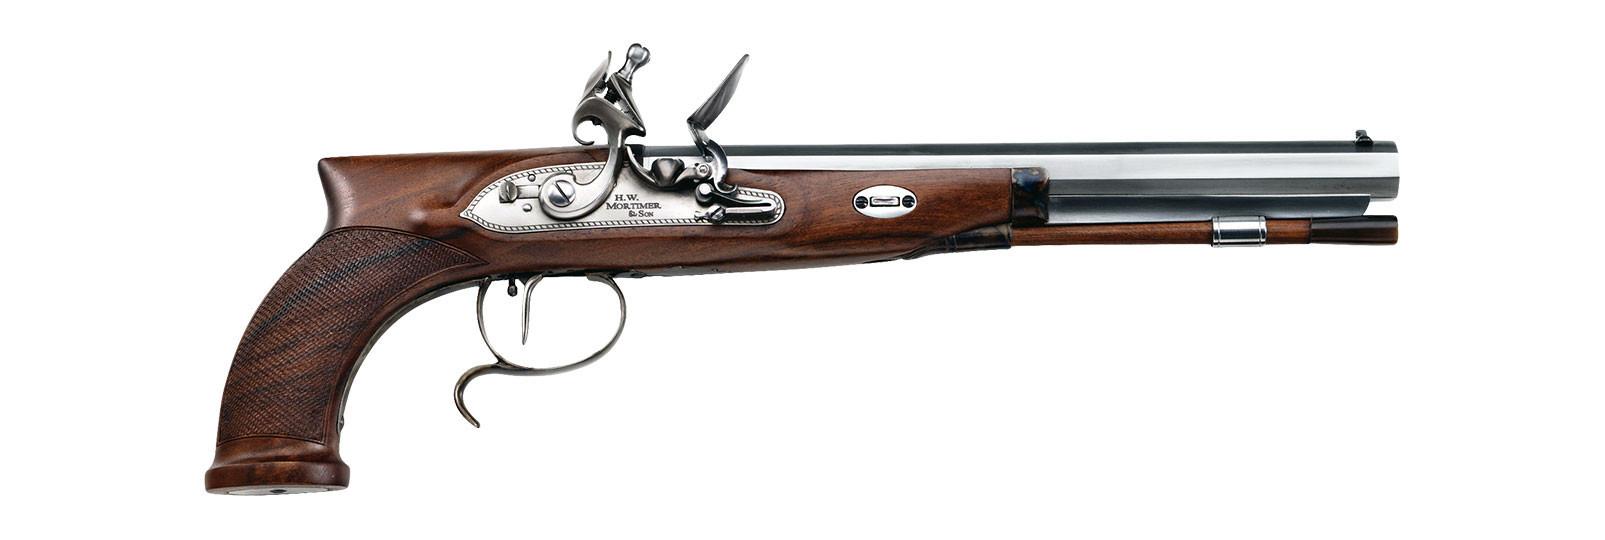 Mortimer Pistol flintlock model